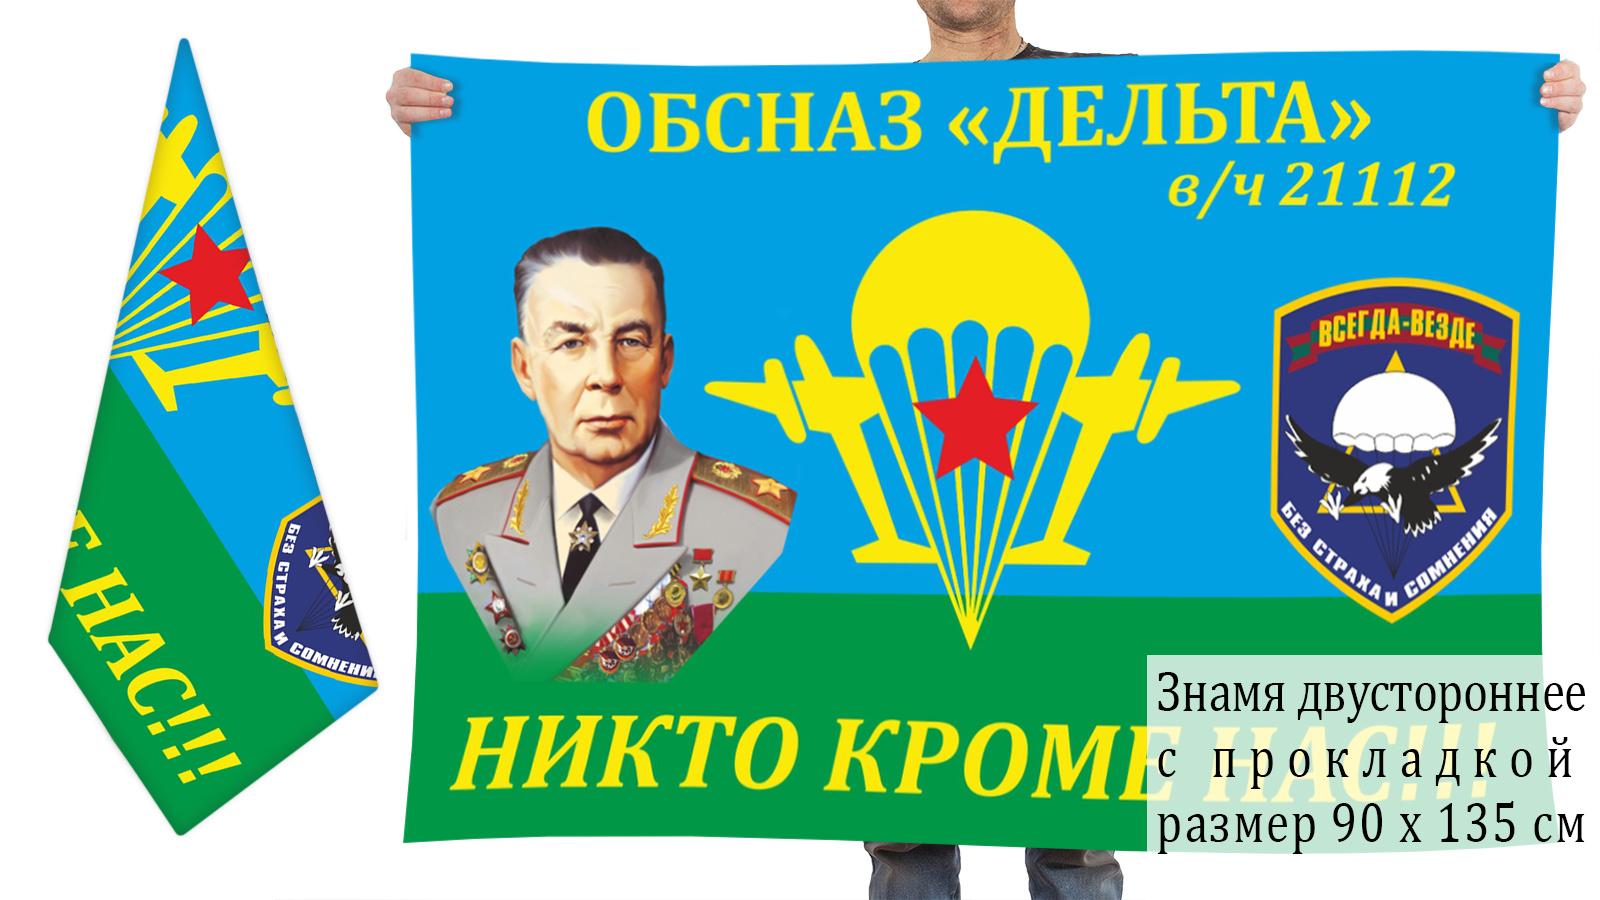 """Двусторонний флаг ОБСНаз """"Дельта"""""""